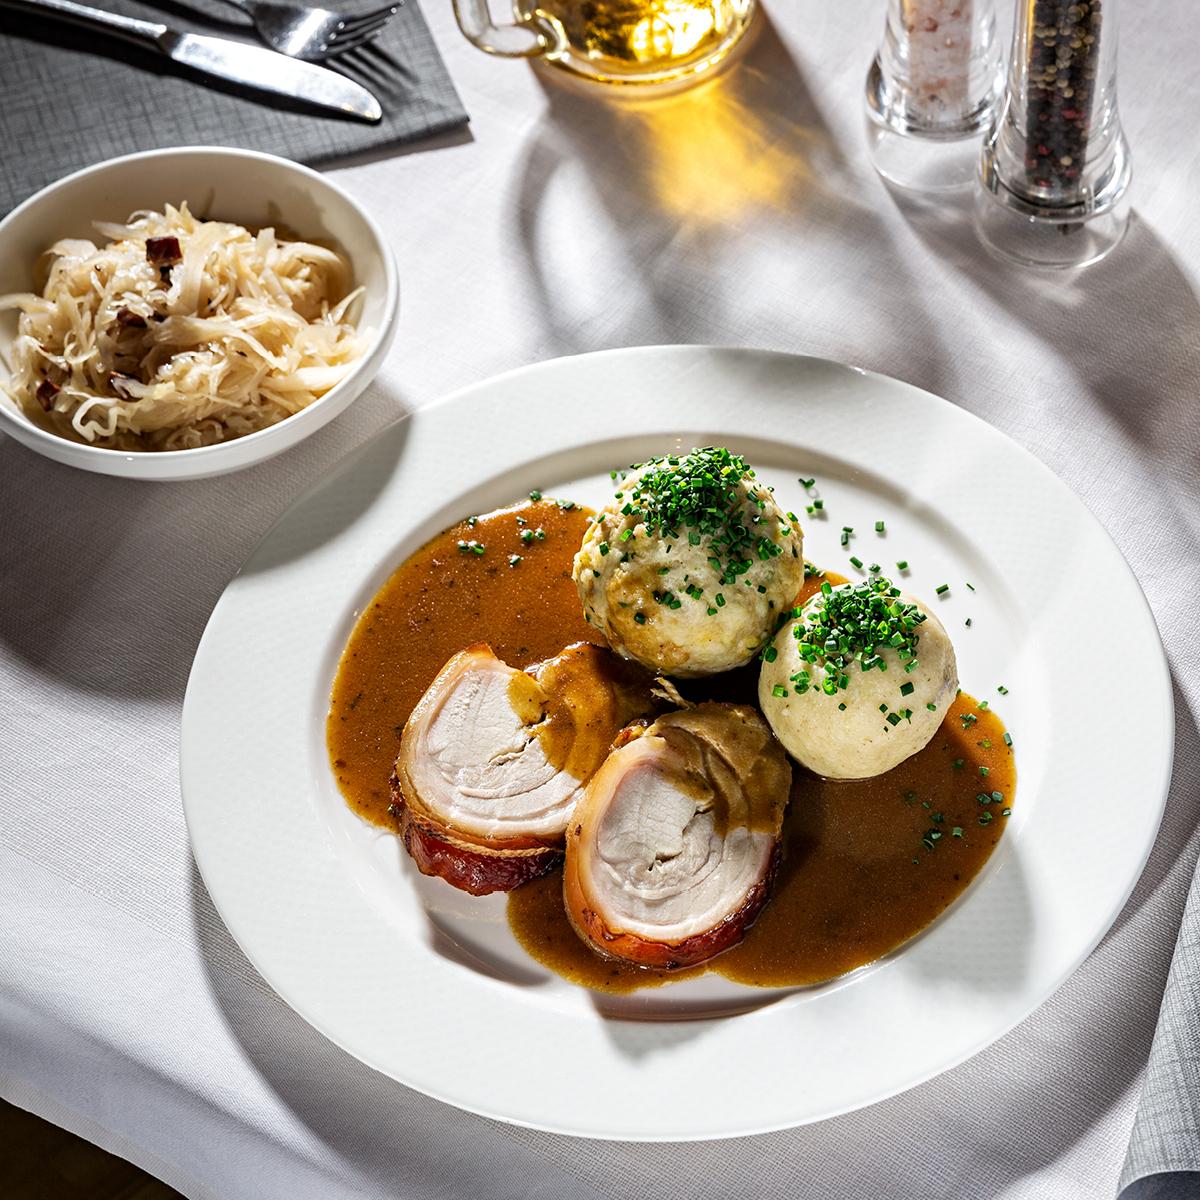 Das Bild zeigt ein leckeres Fleischgericht mit Semmelknödeln und Sauerkraut.